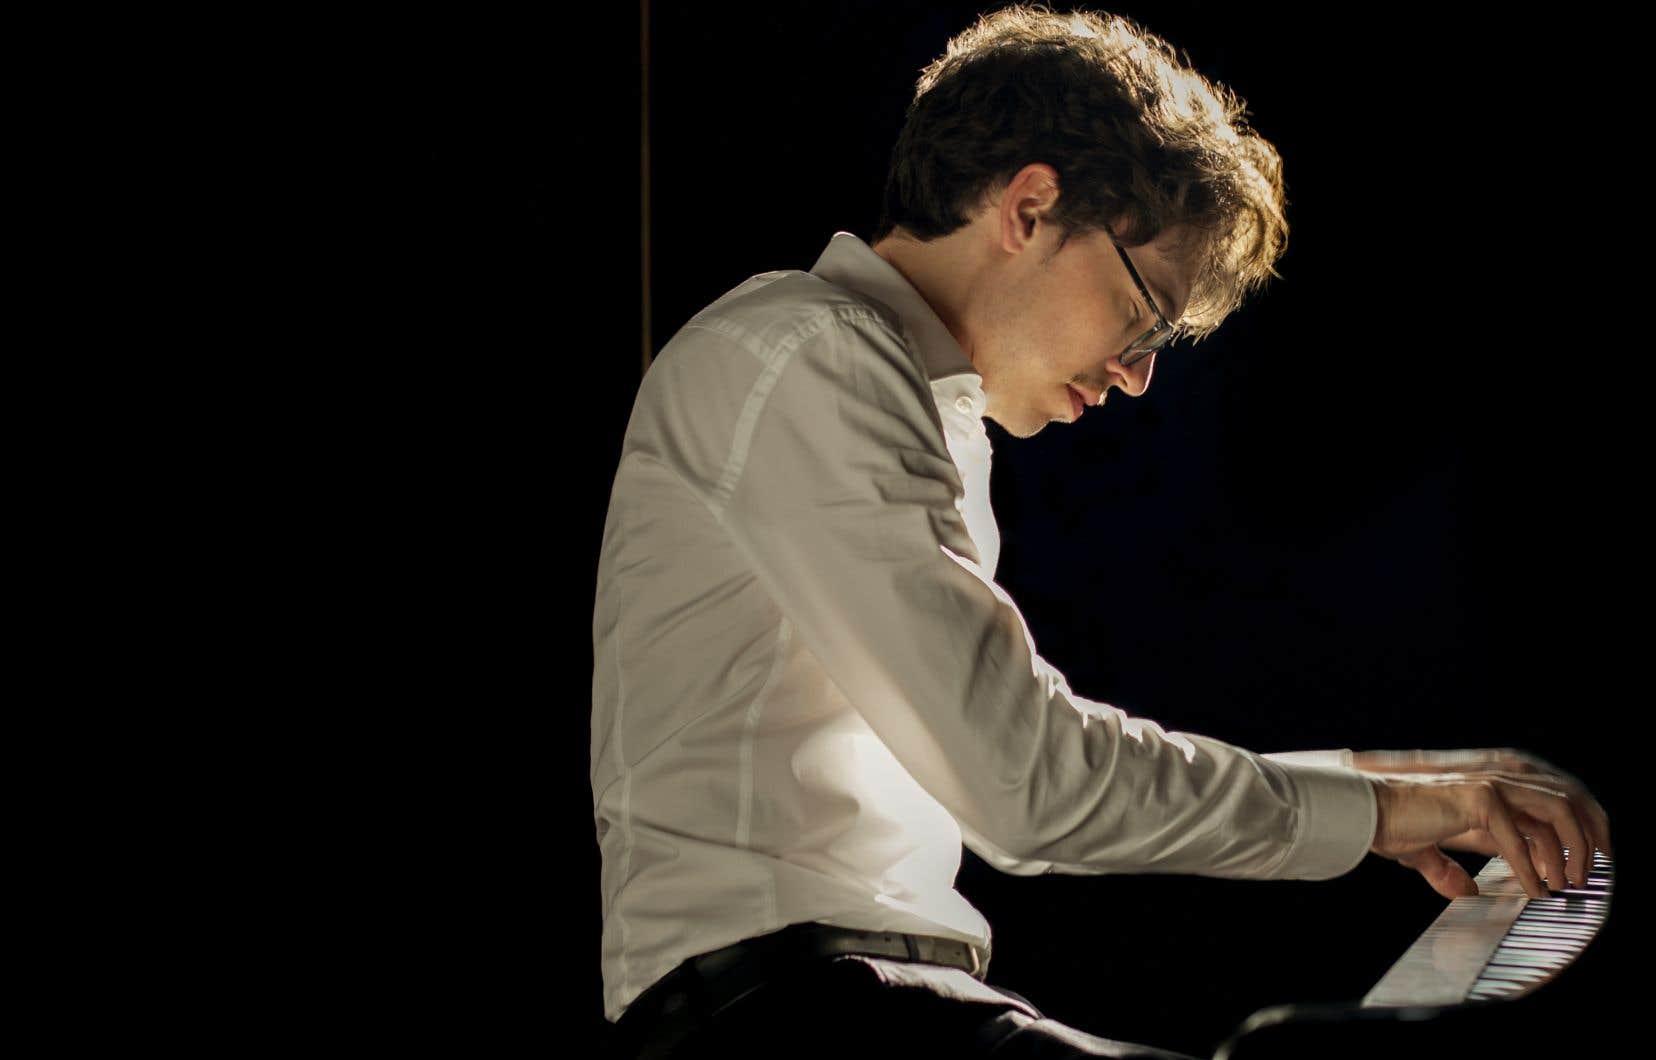 Le pianiste Lucas Debargue navigue dans des univers fascinants, souvent picturaux.